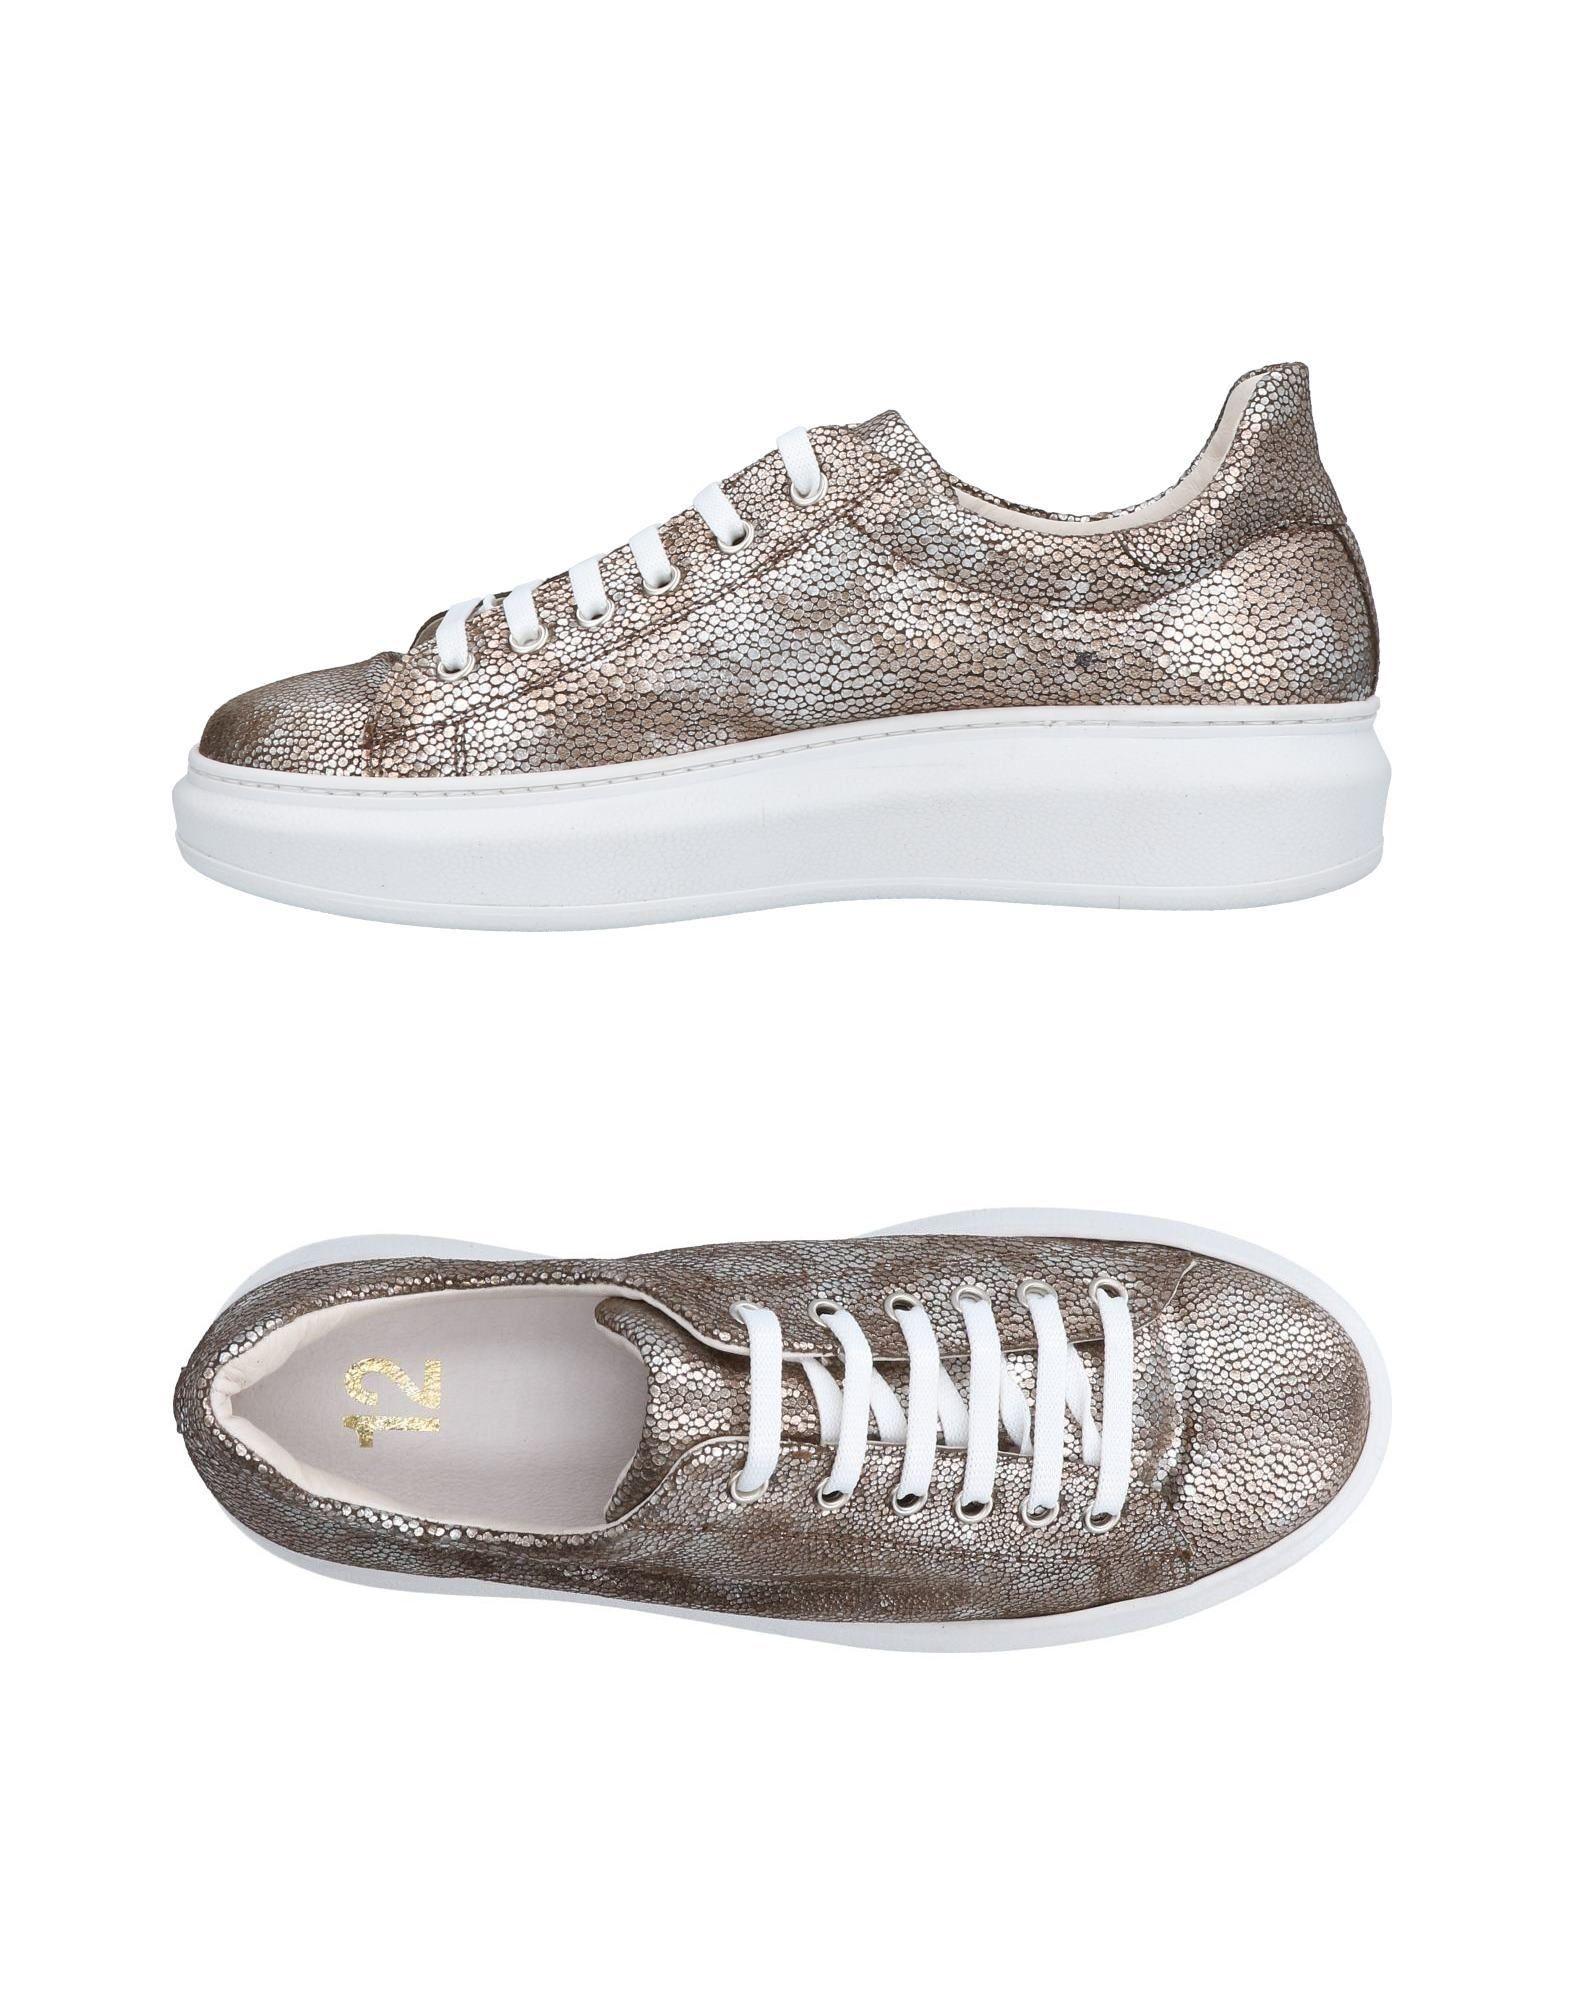 Tsd12 Sneakers - Women Tsd12 Sneakers - online on  Canada - Sneakers 11454107TP df9a44